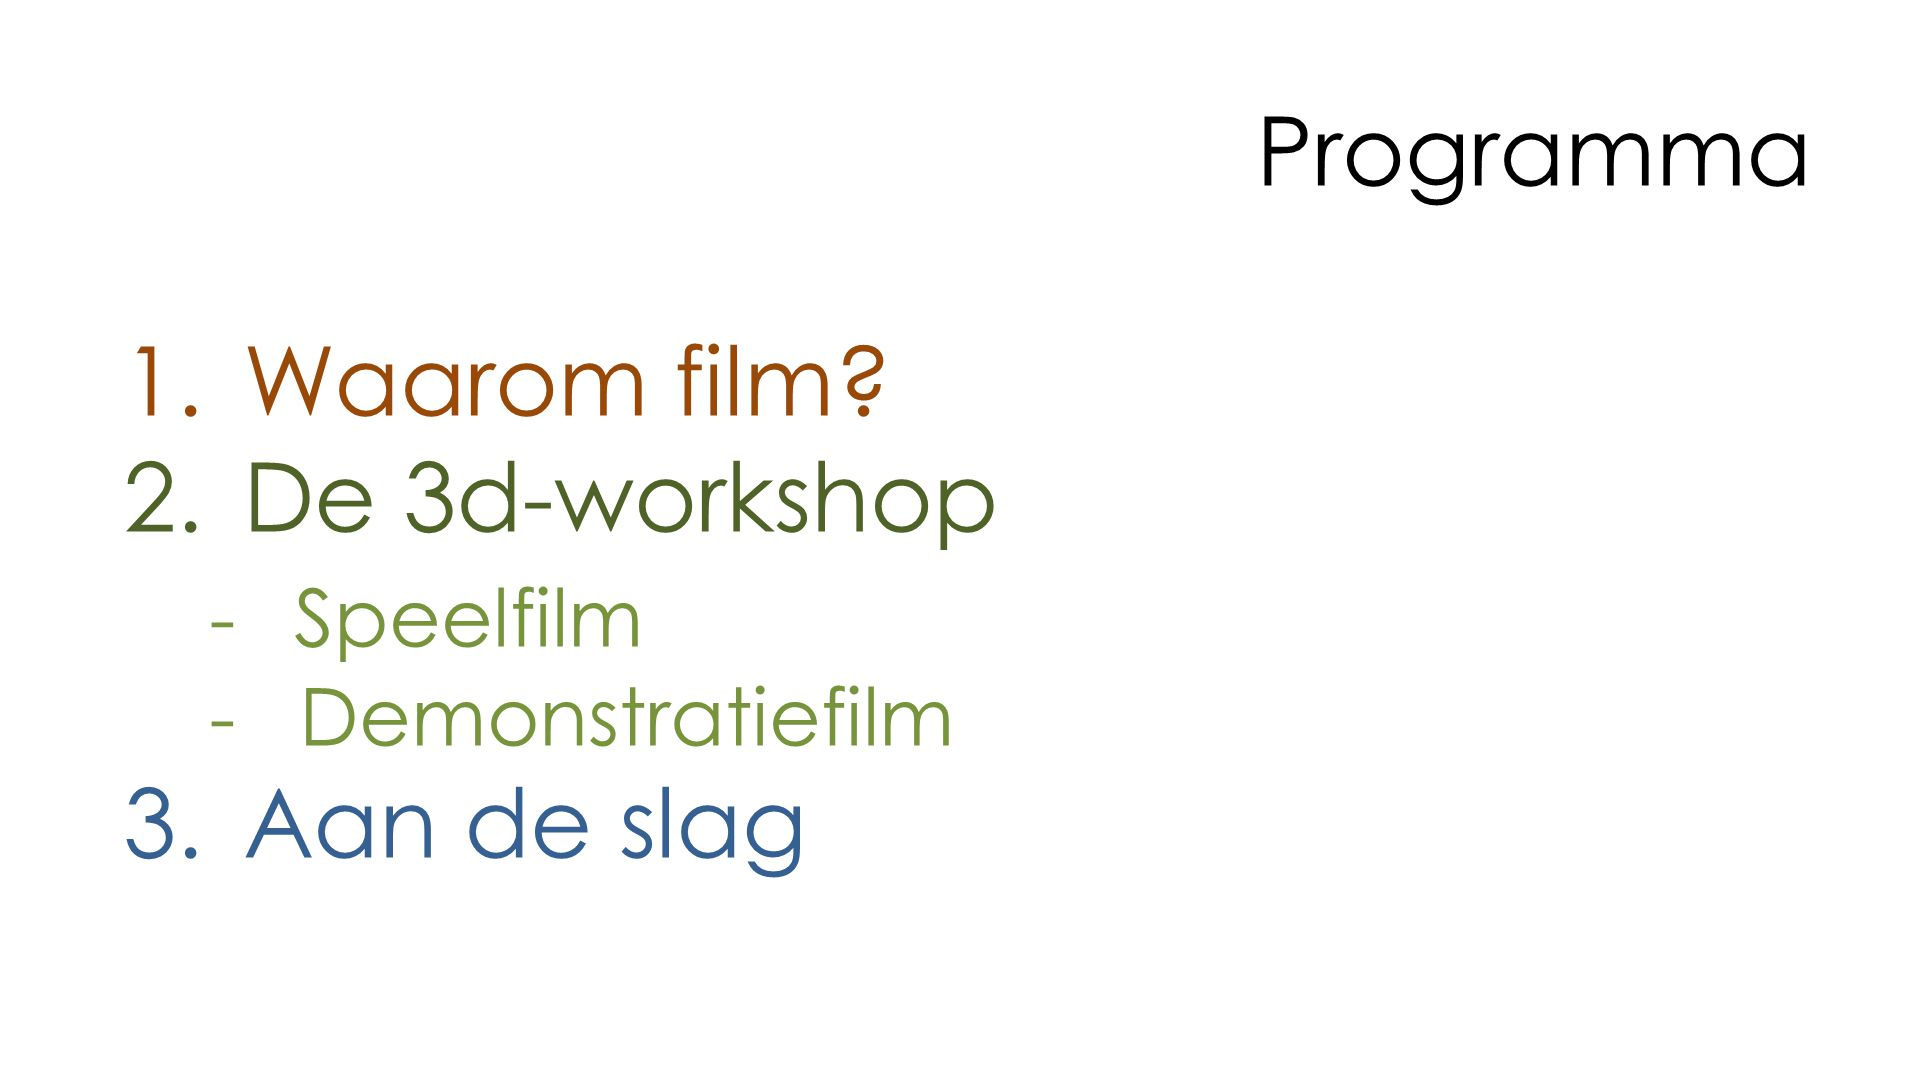 Programma Waarom film De 3d-workshop Aan de slag - Speelfilm